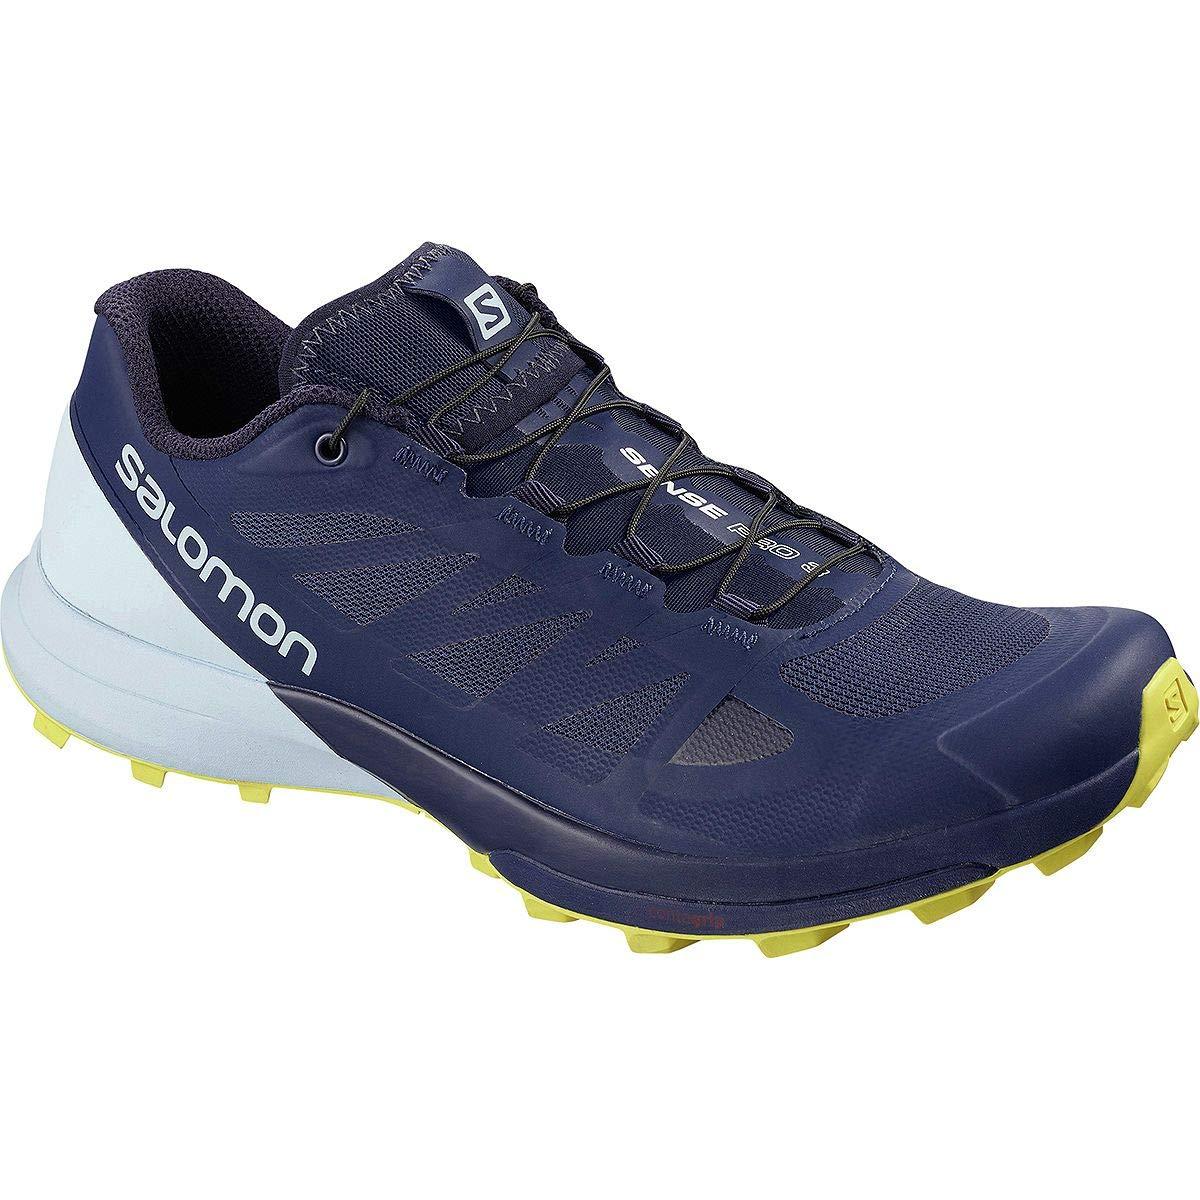 高級感 [サロモン] レディース Running Shoe ランニング Sense Pro 3 Running Shoe [並行輸入品] 3 B07P1S5WG8 US-10.0/UK-8.5, 奥美濃ひるがの高原 牧歌の里:df29def7 --- campdxn.com